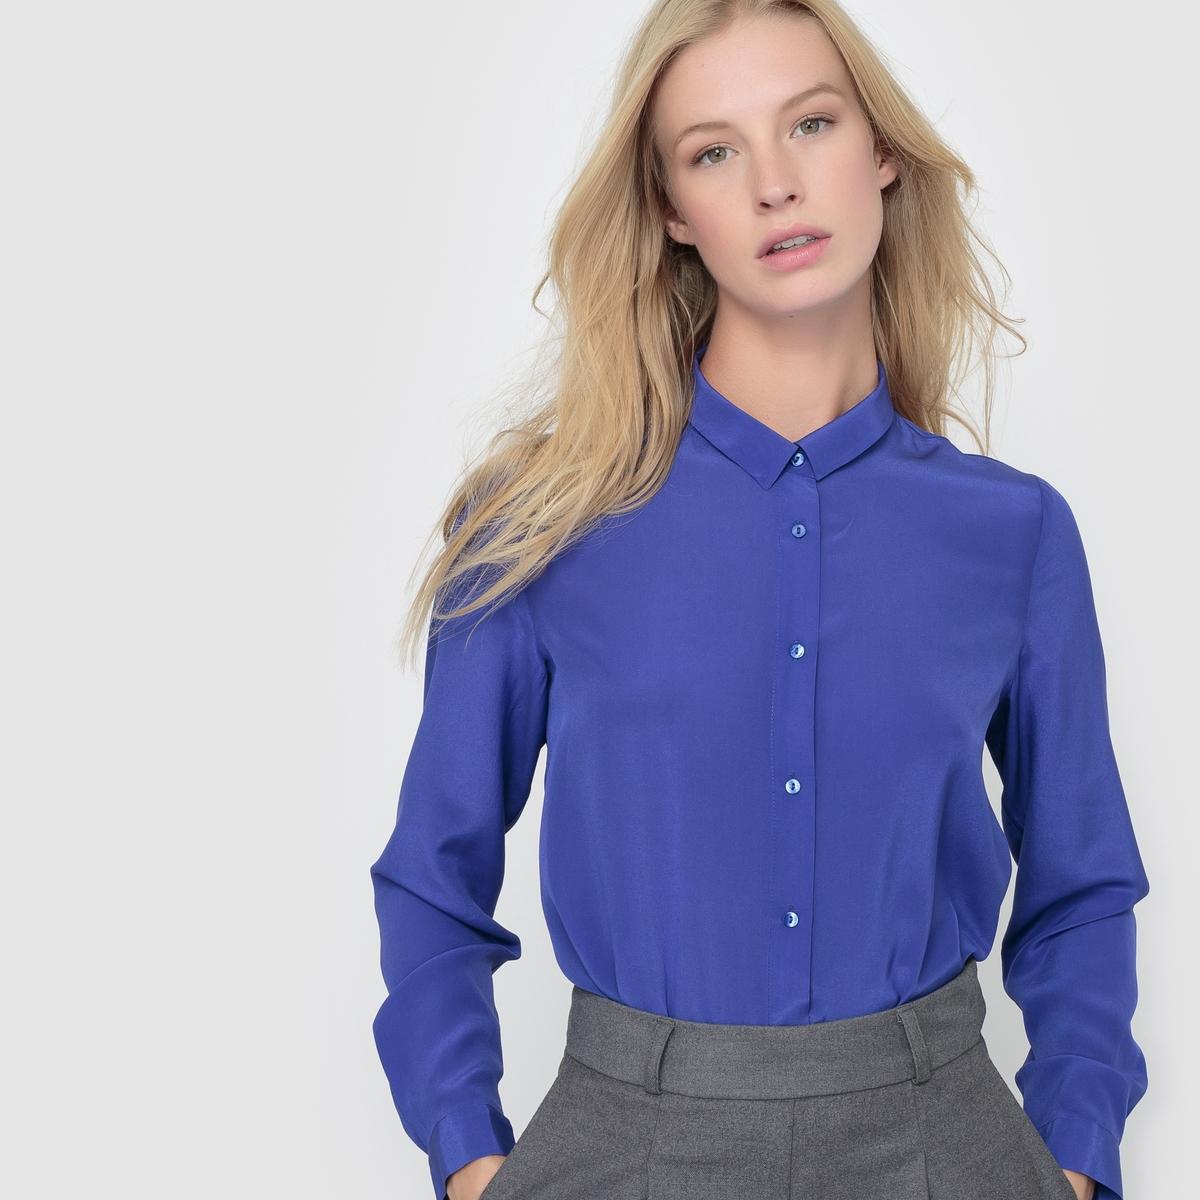 Рубашка 100% шелкаСостав и описаниеМатериал: 100% шелкаДлина: 65 см Марка: R essentiel.   УходРучная стиркаСухая (химическая) чистка разрешенаГладить на низкой температуре<br><br>Цвет: черный<br>Размер: 44 (FR) - 50 (RUS)